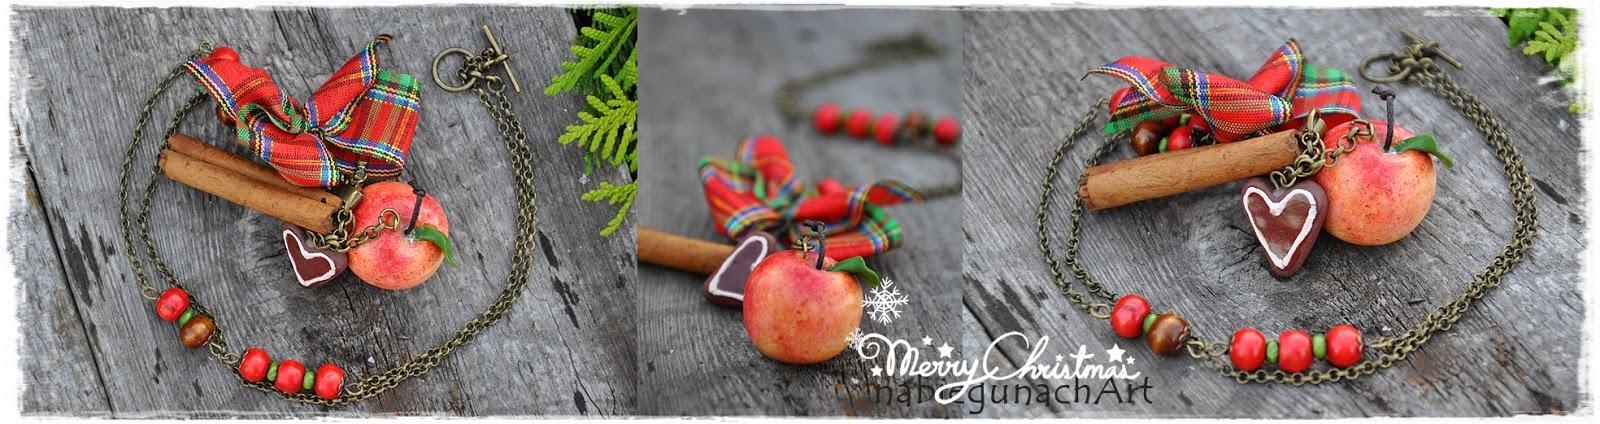 Świąteczne jabłuszko